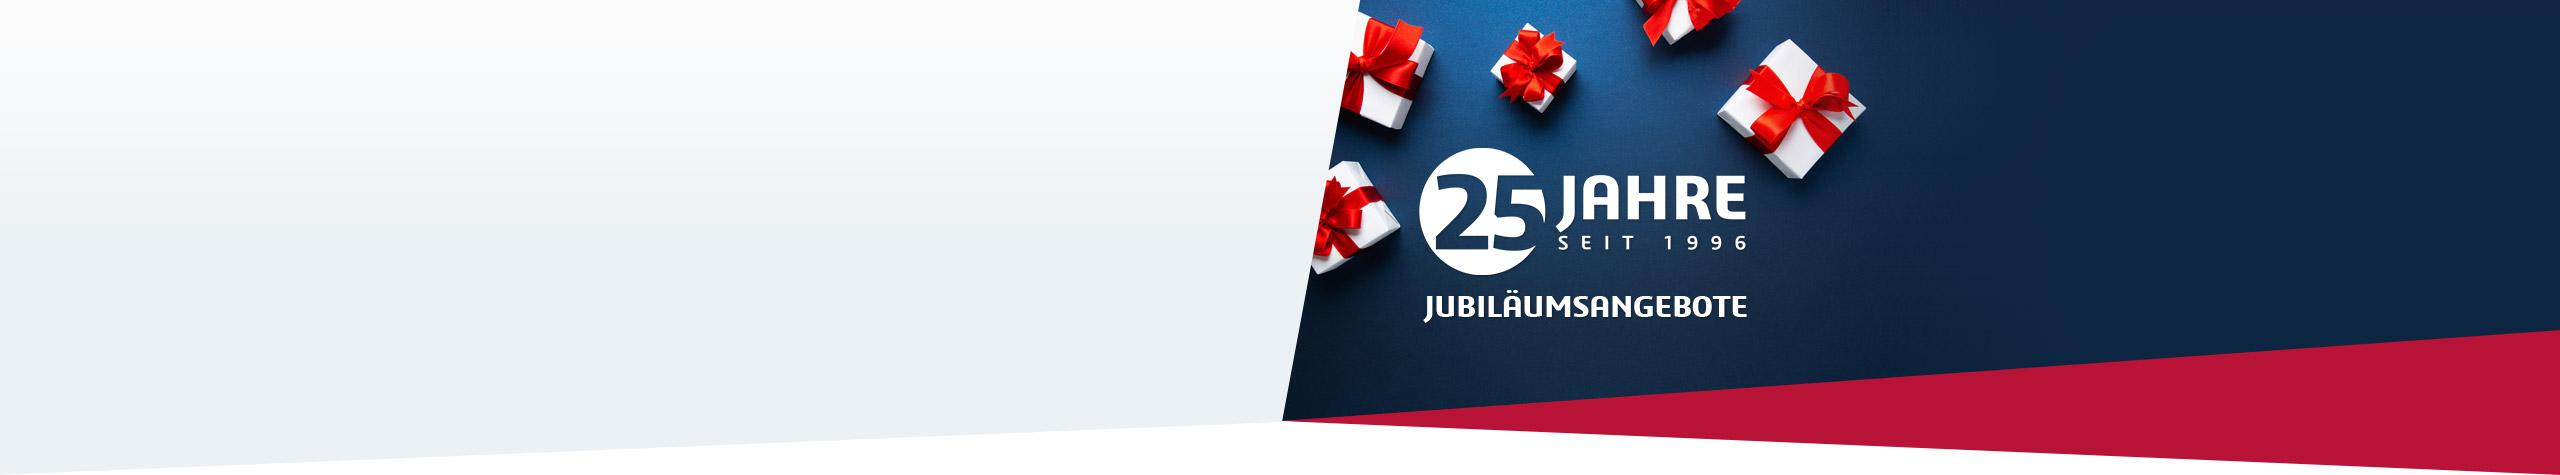 Jubiläumsangebote Feiern Sie mit uns und profitieren Sie von attraktiven Angeboten!